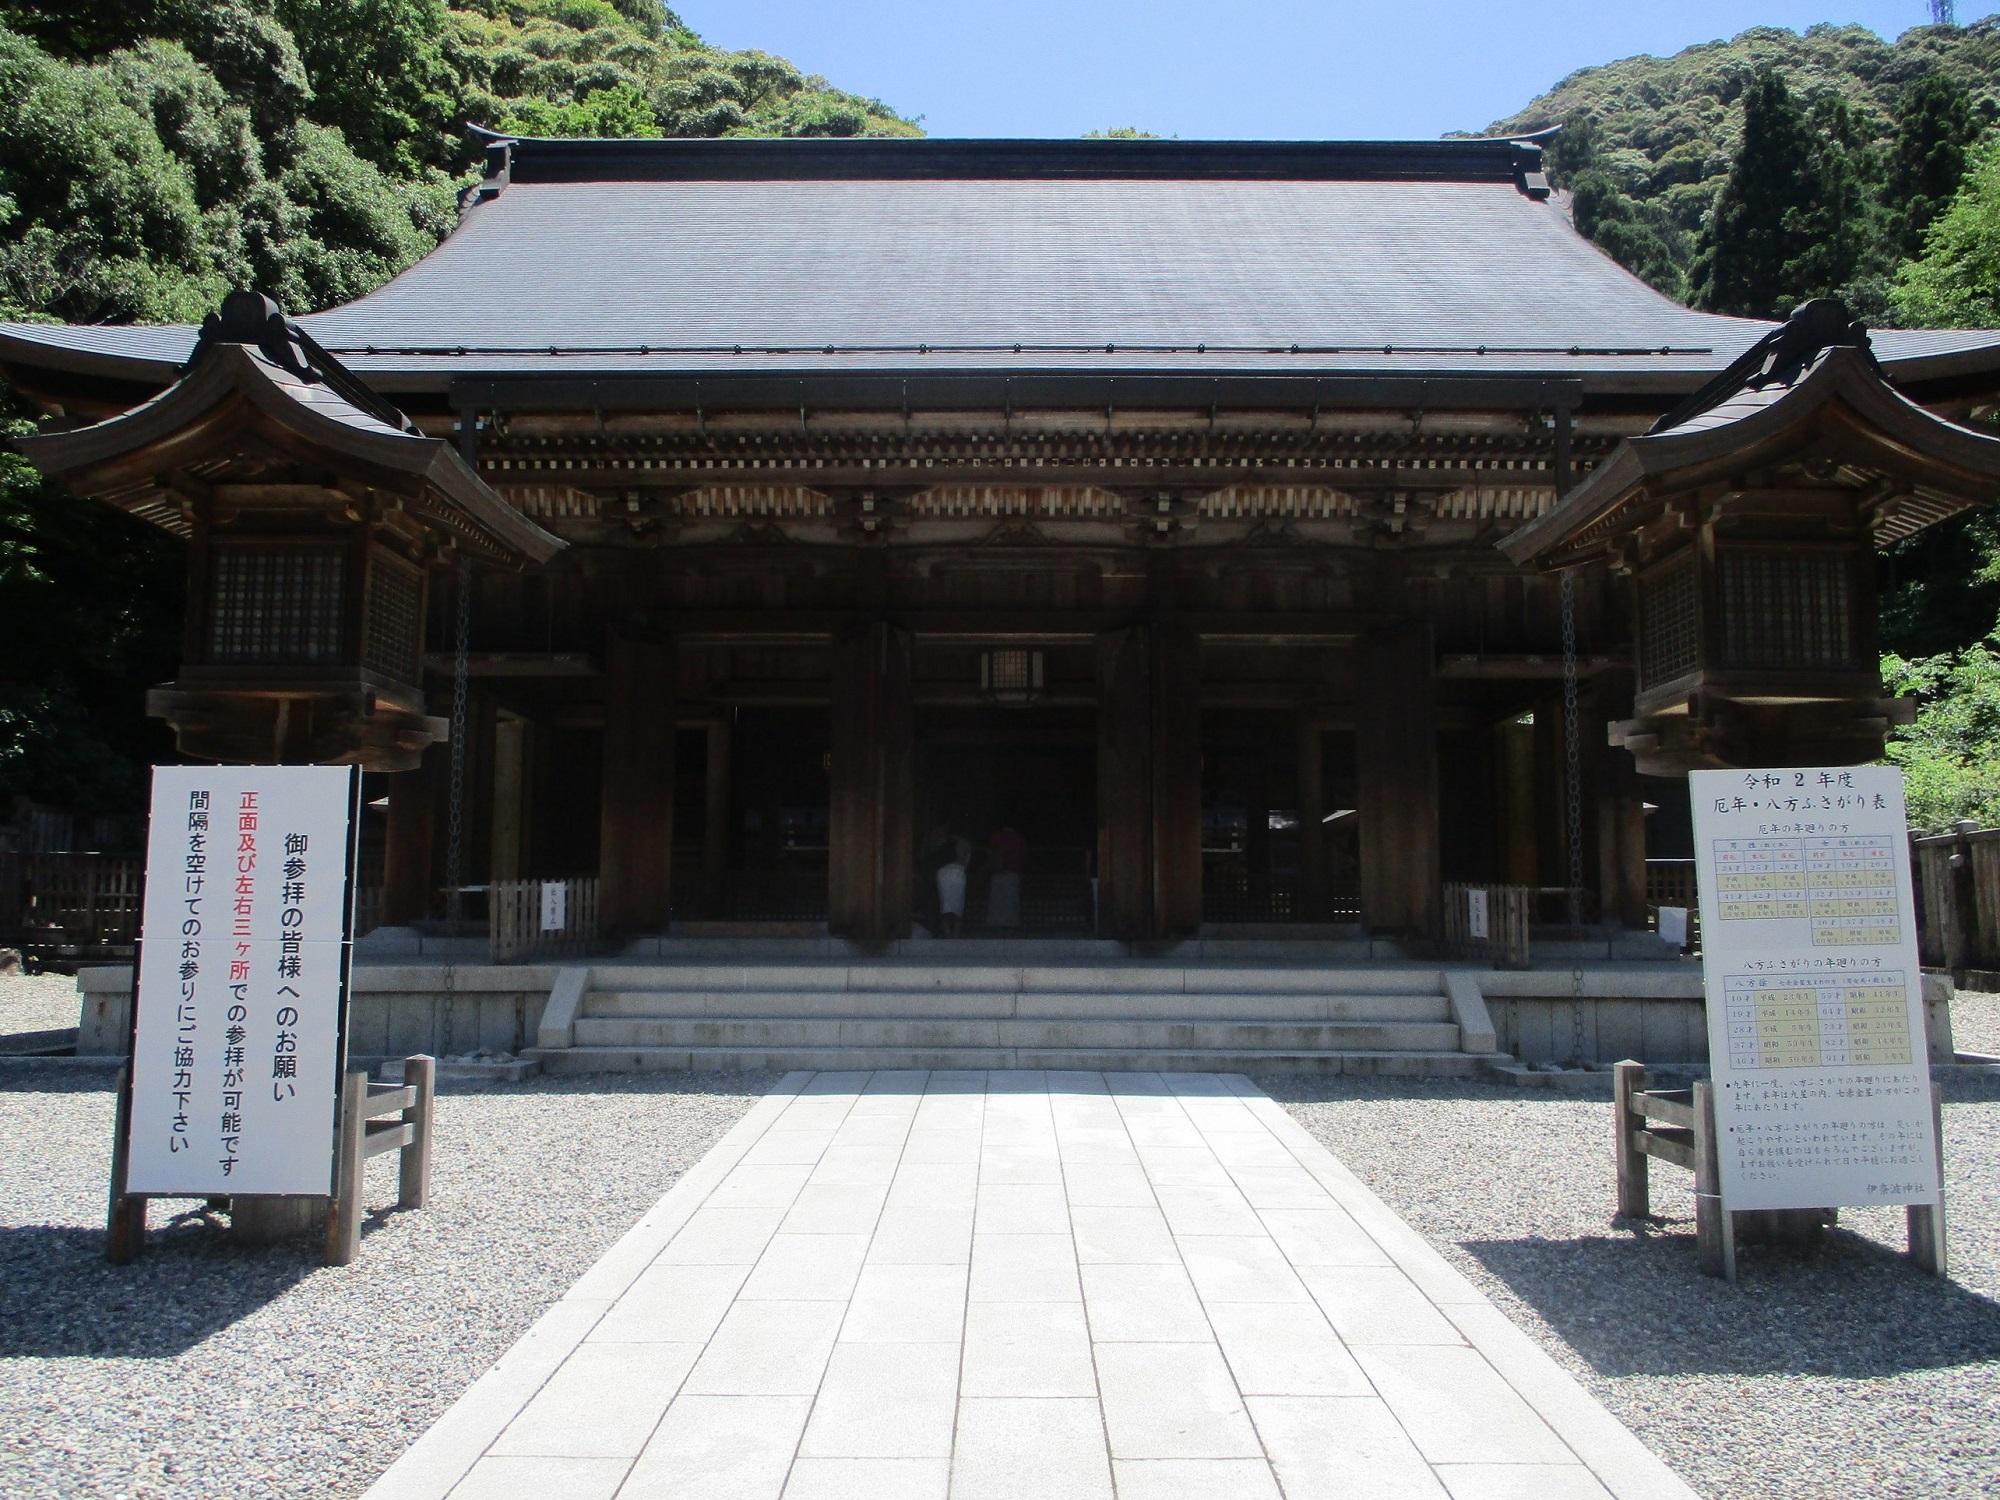 2020.6.7 (7) 伊奈波神社 - 拝殿 2000-1500